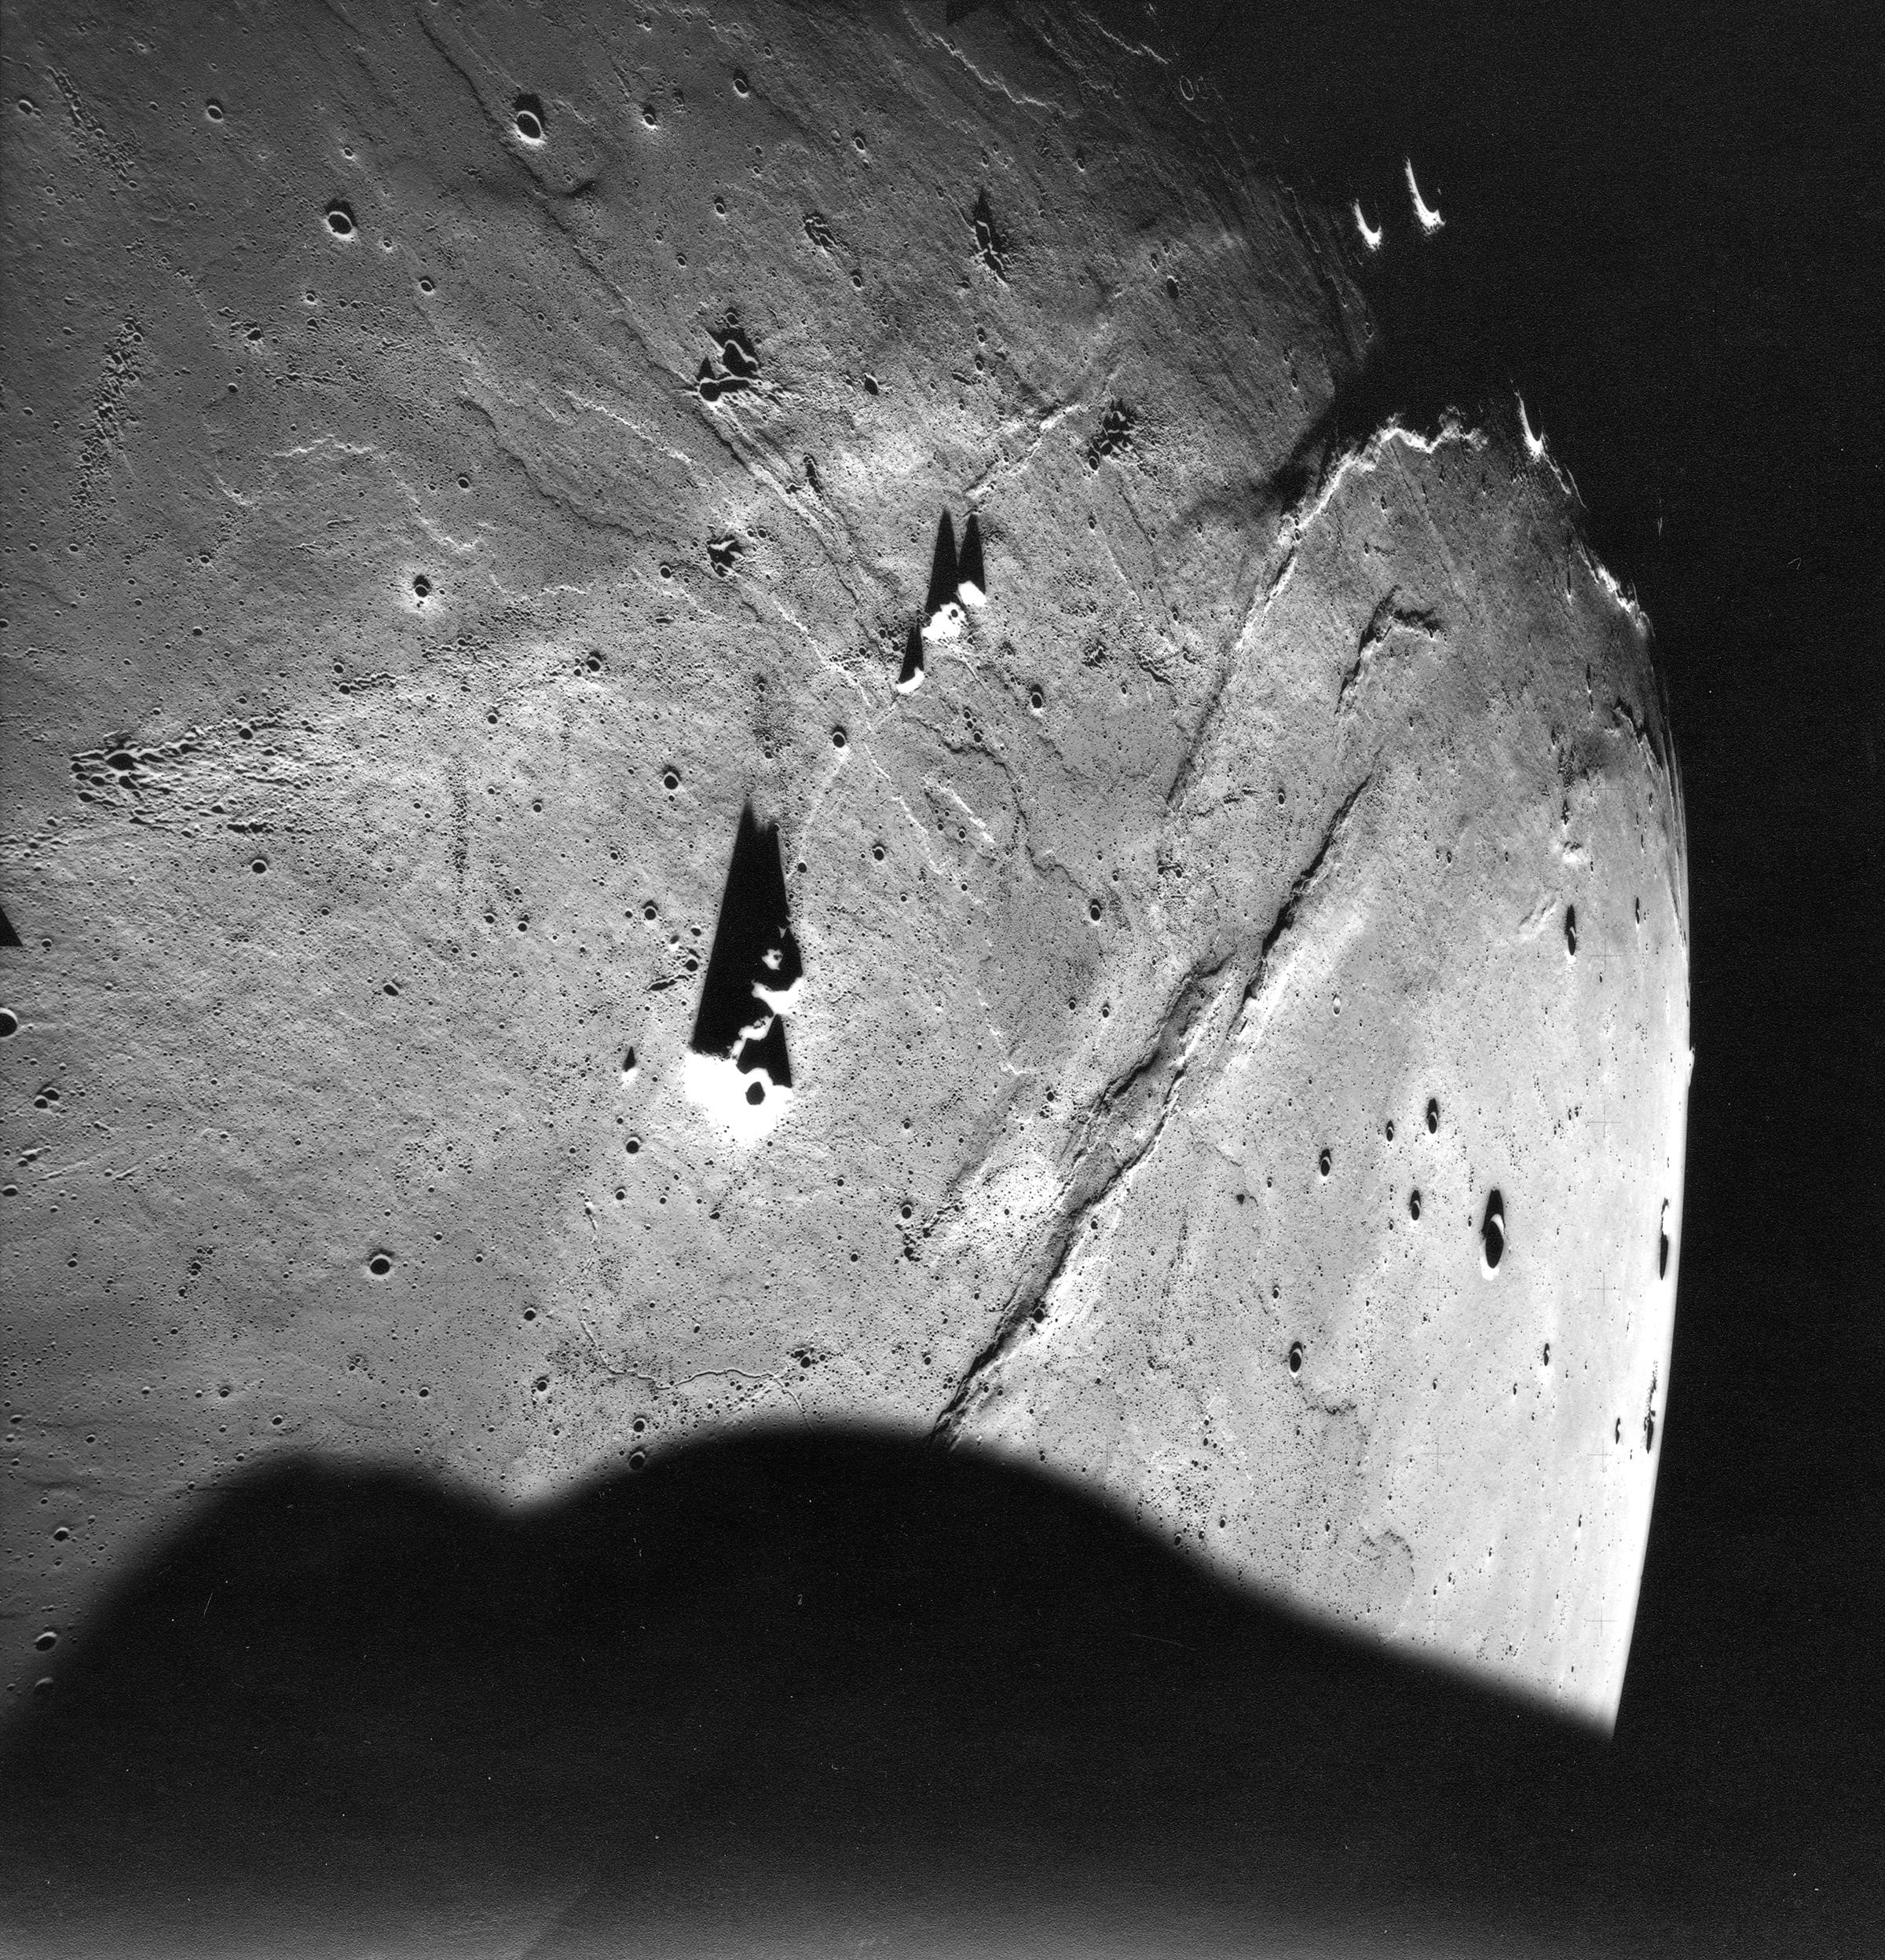 Lunar Basalt Flows